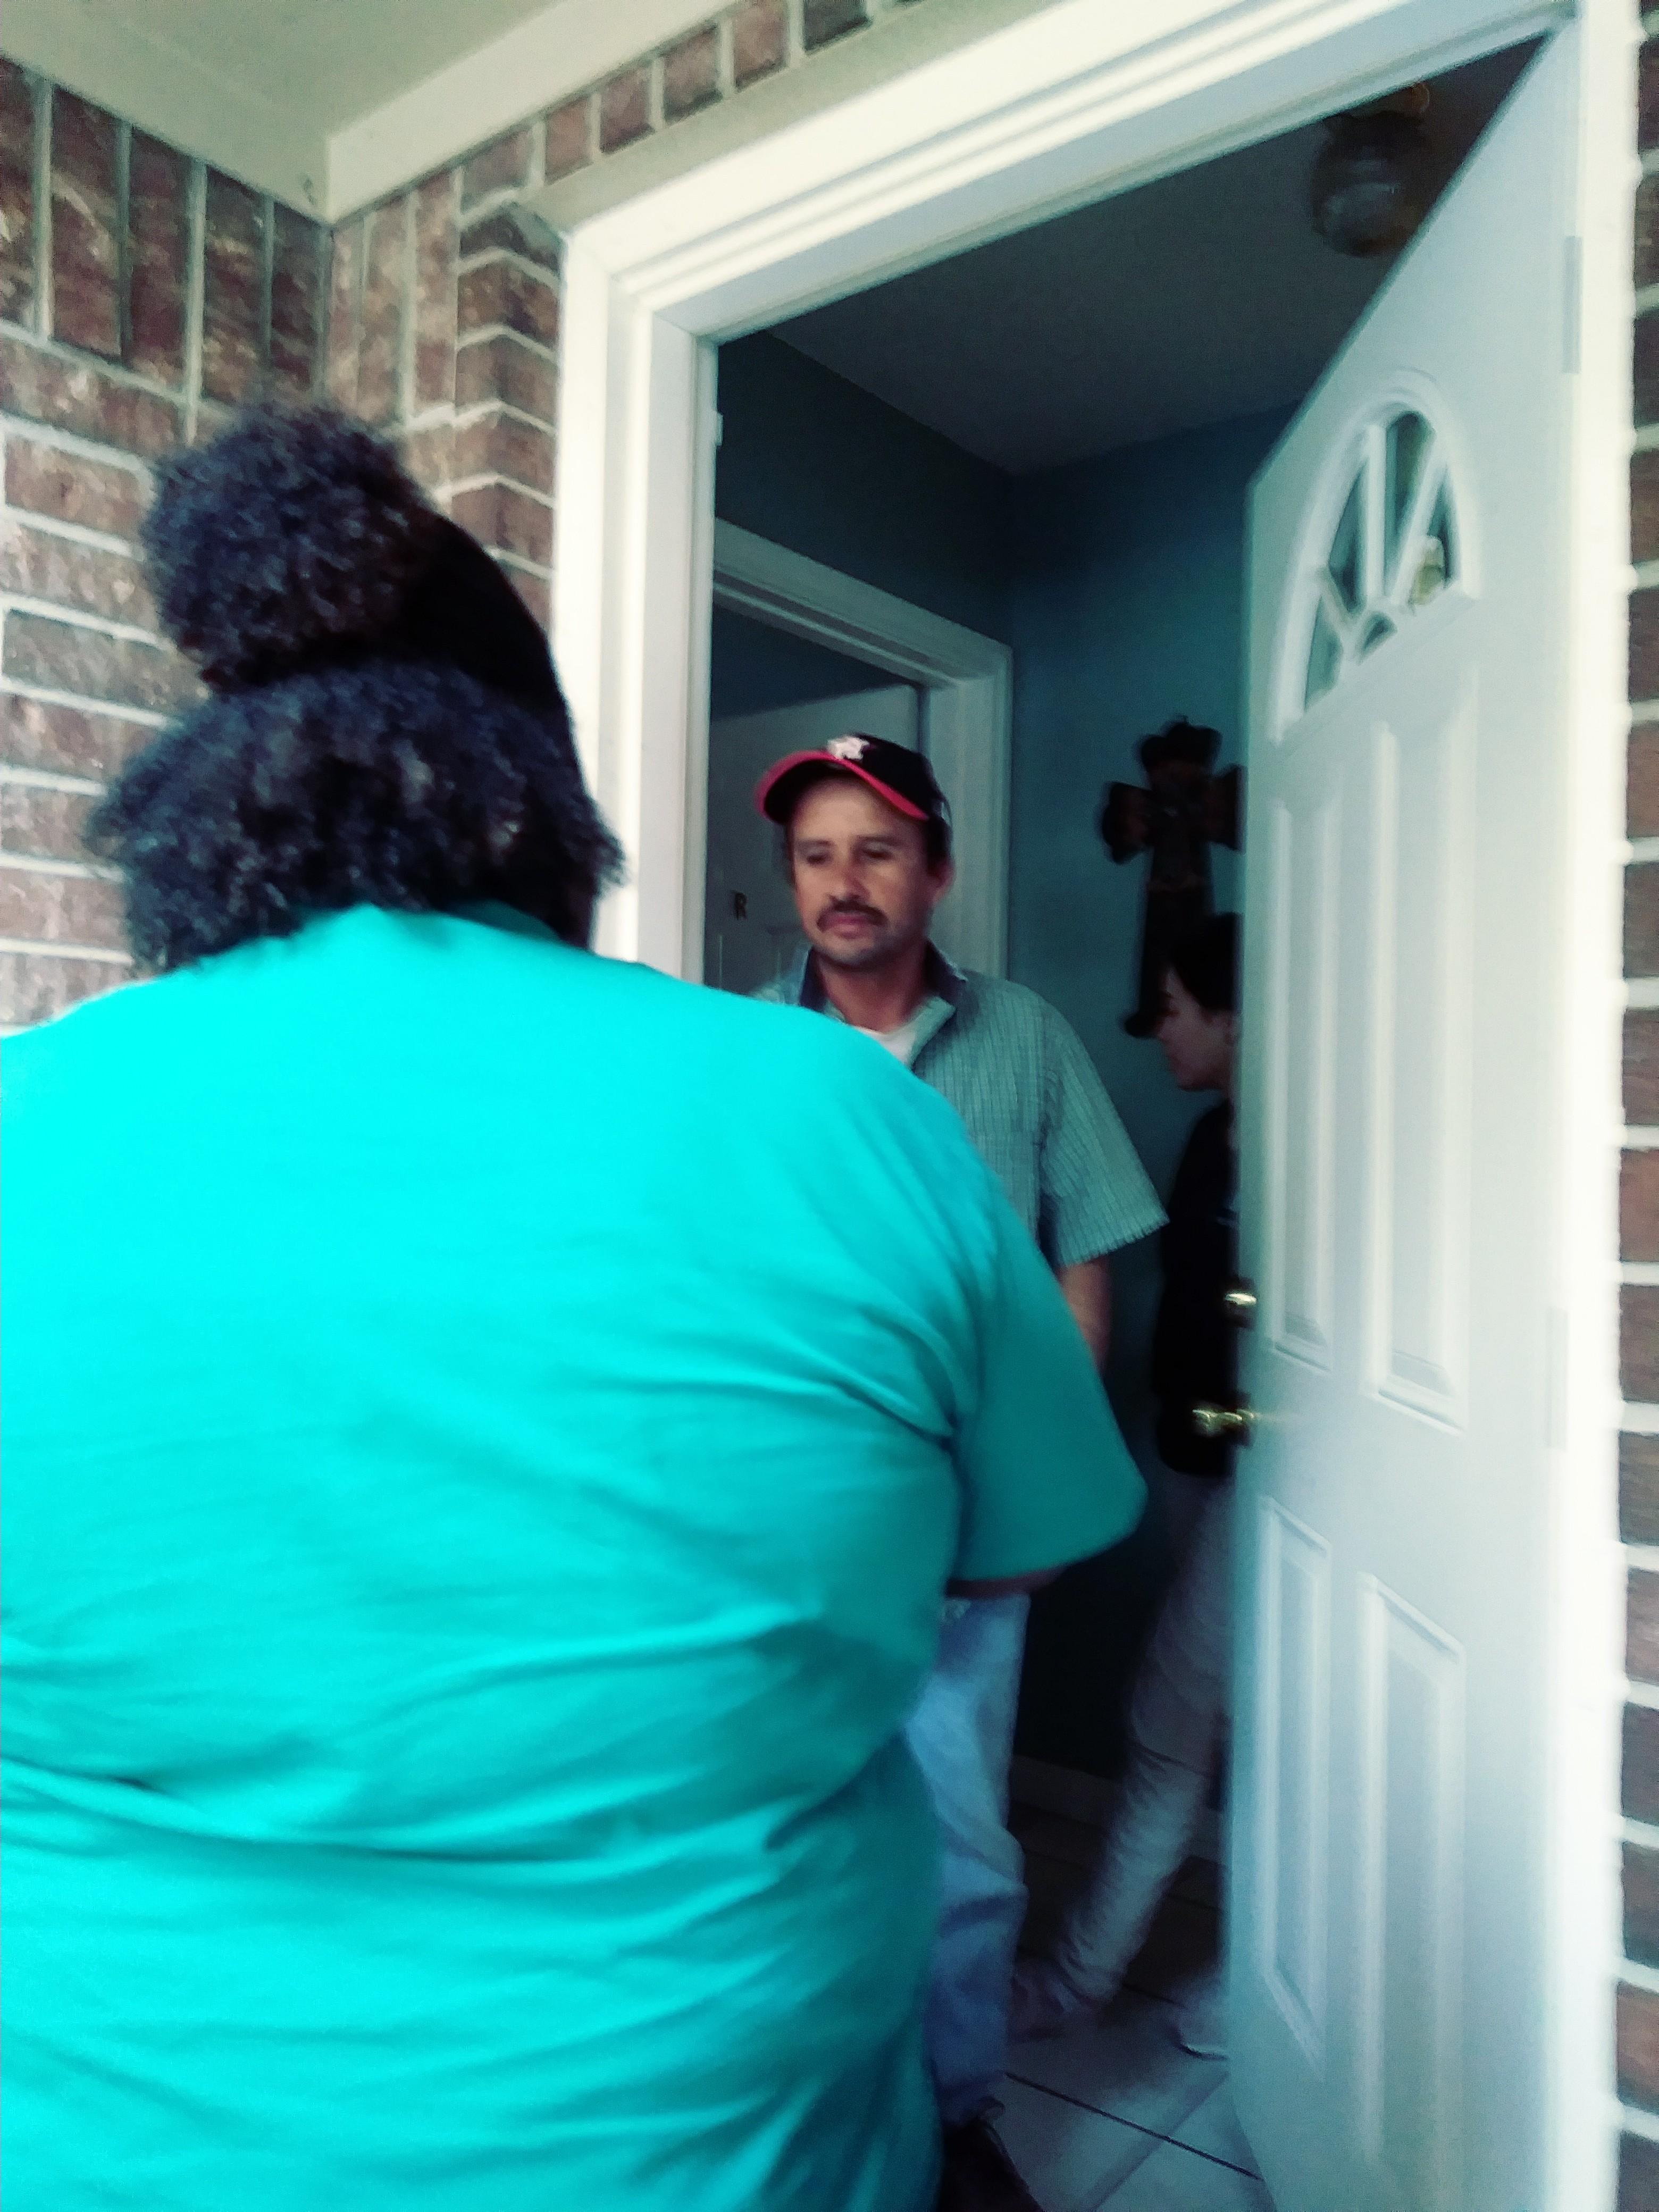 Almeisha Whitlock (de espaldas) da información electoral a Ricardo Cárdenas en la puerta de su domicilio en Houston, Texas. Foto: David Torres/America's Voice